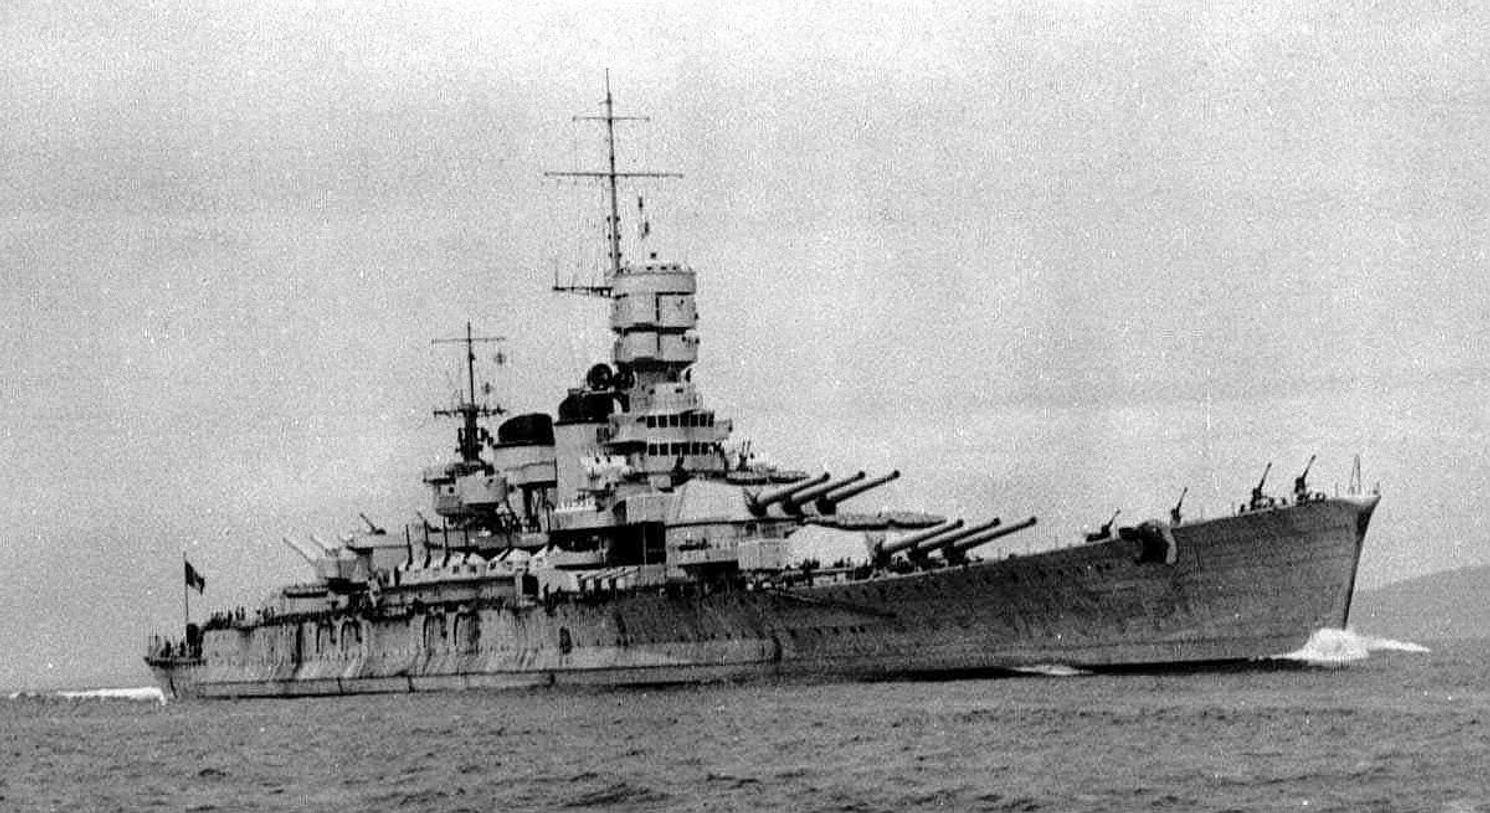 World War II Fact: Hitler Tried to Sink Mussolini's Battleship Fleet